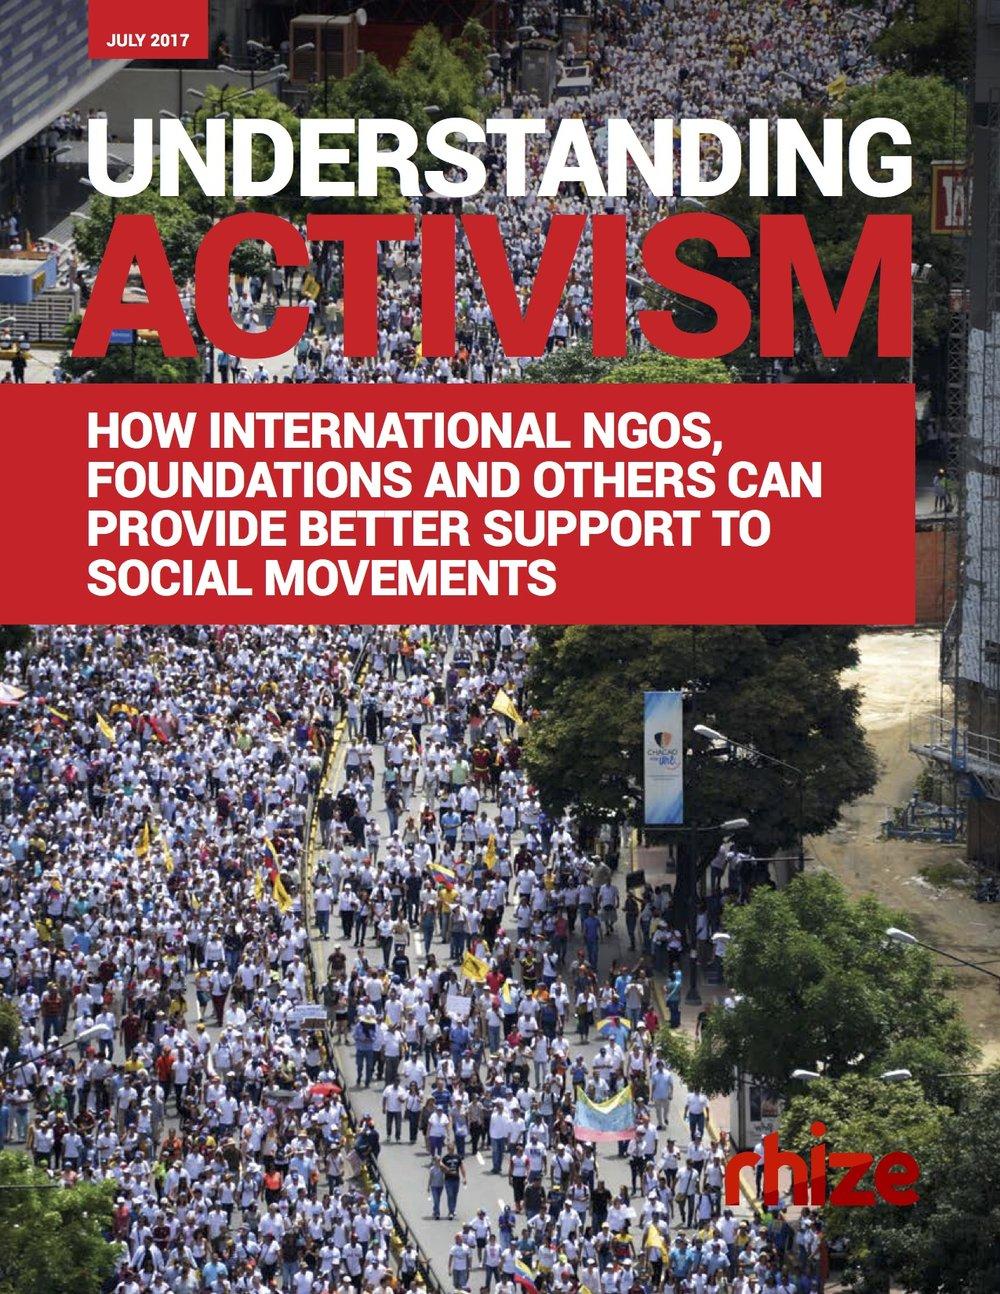 Understanding Activism cover.jpg